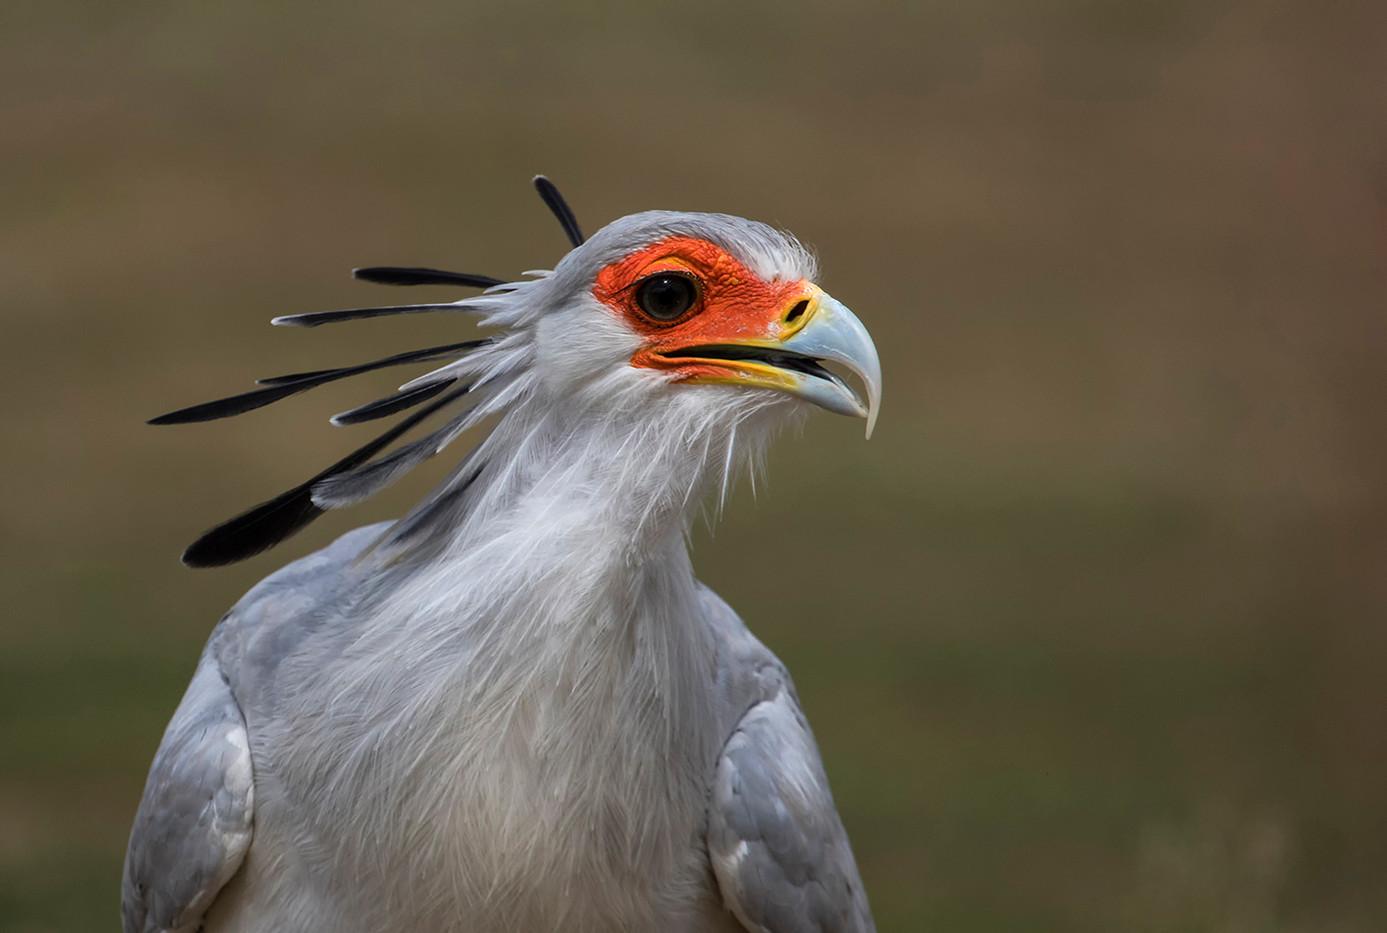 19 SECRETARY BIRD by Glenn Welch